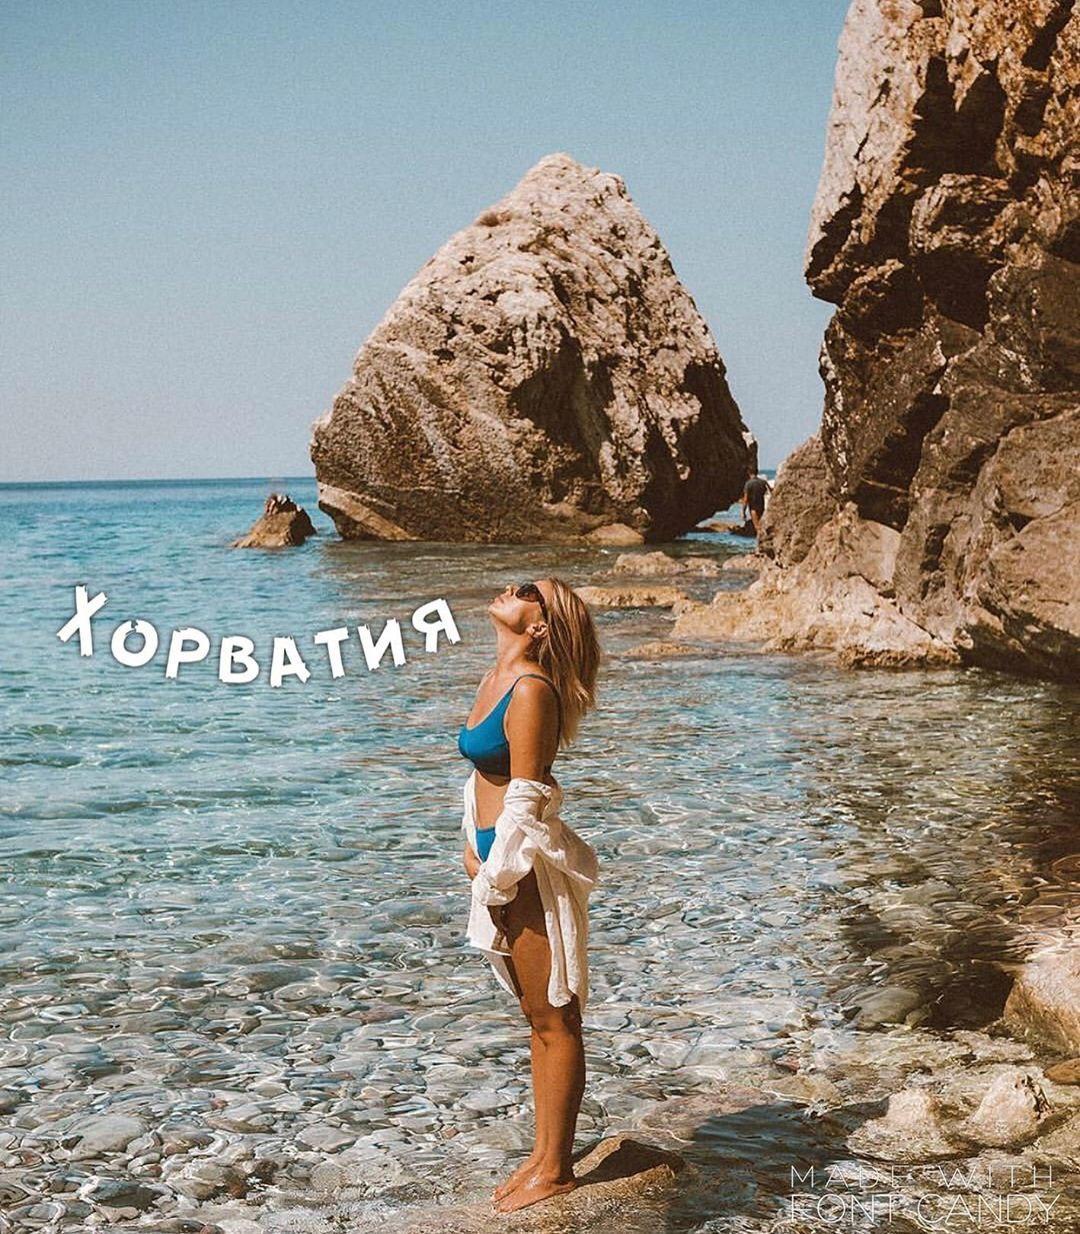 Хорватия, Раннее бронирование, Sparkle Travel